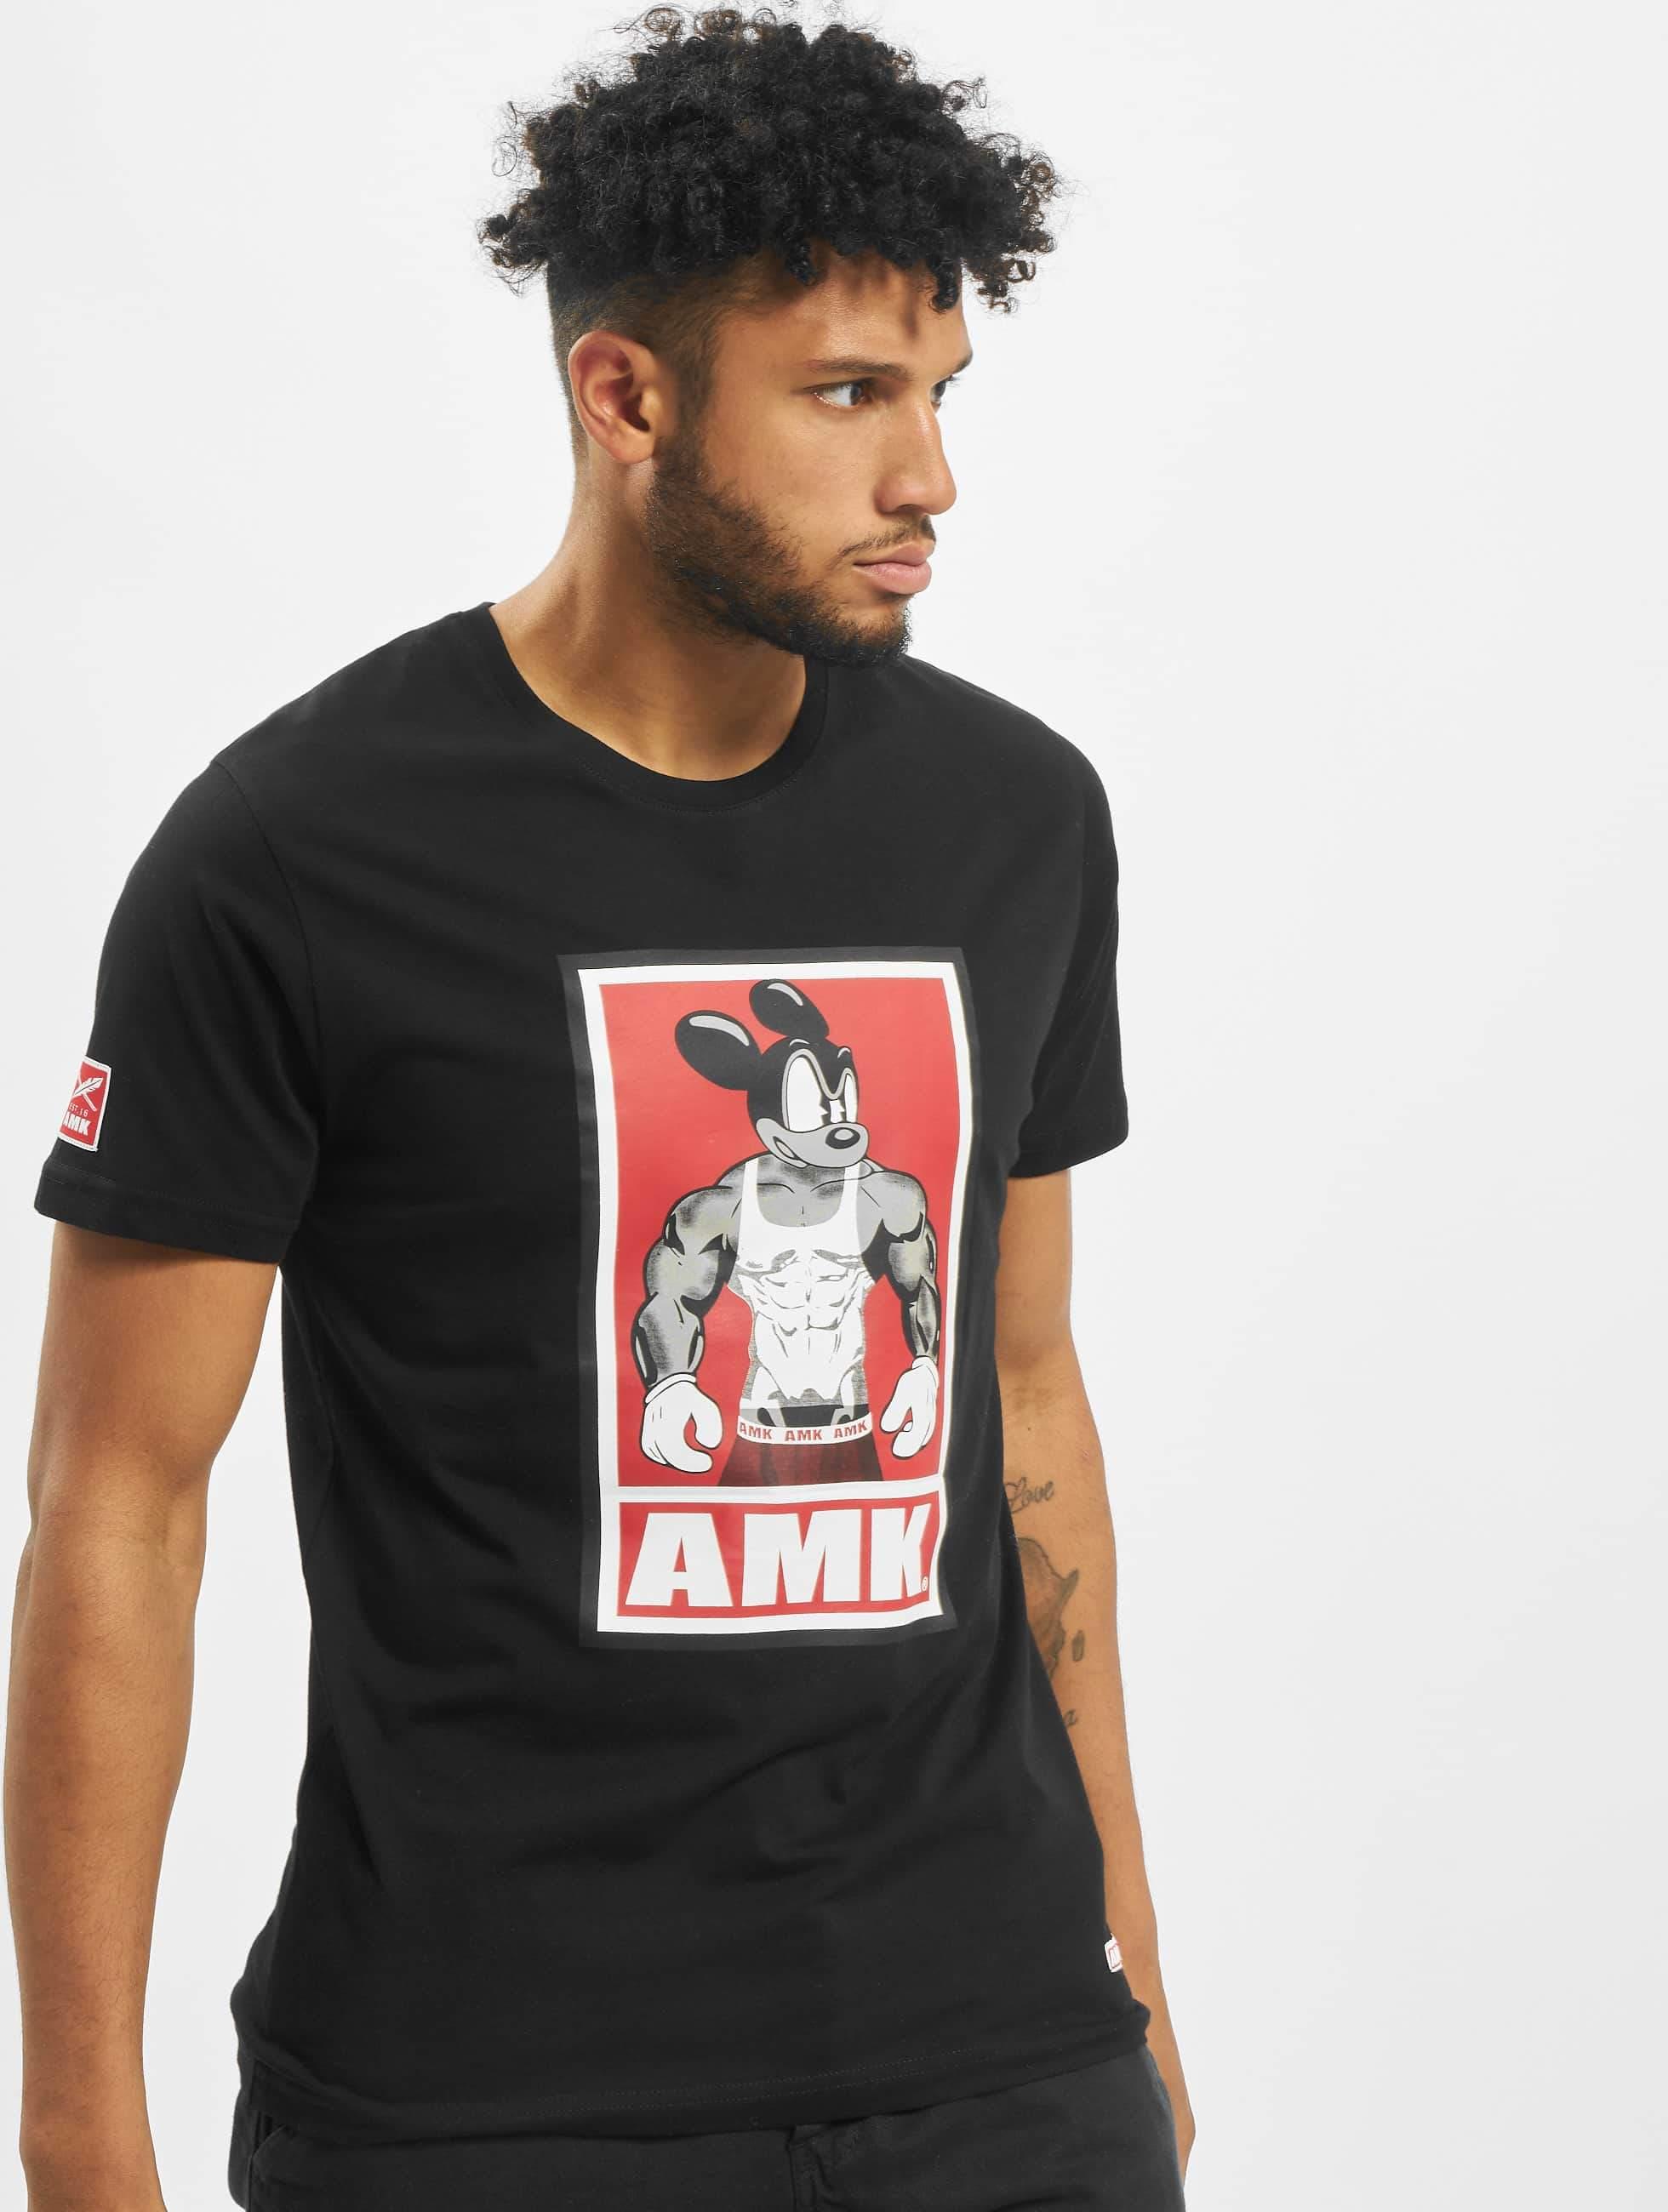 AMK | Muscle Mouse noir Homme T-Shirt